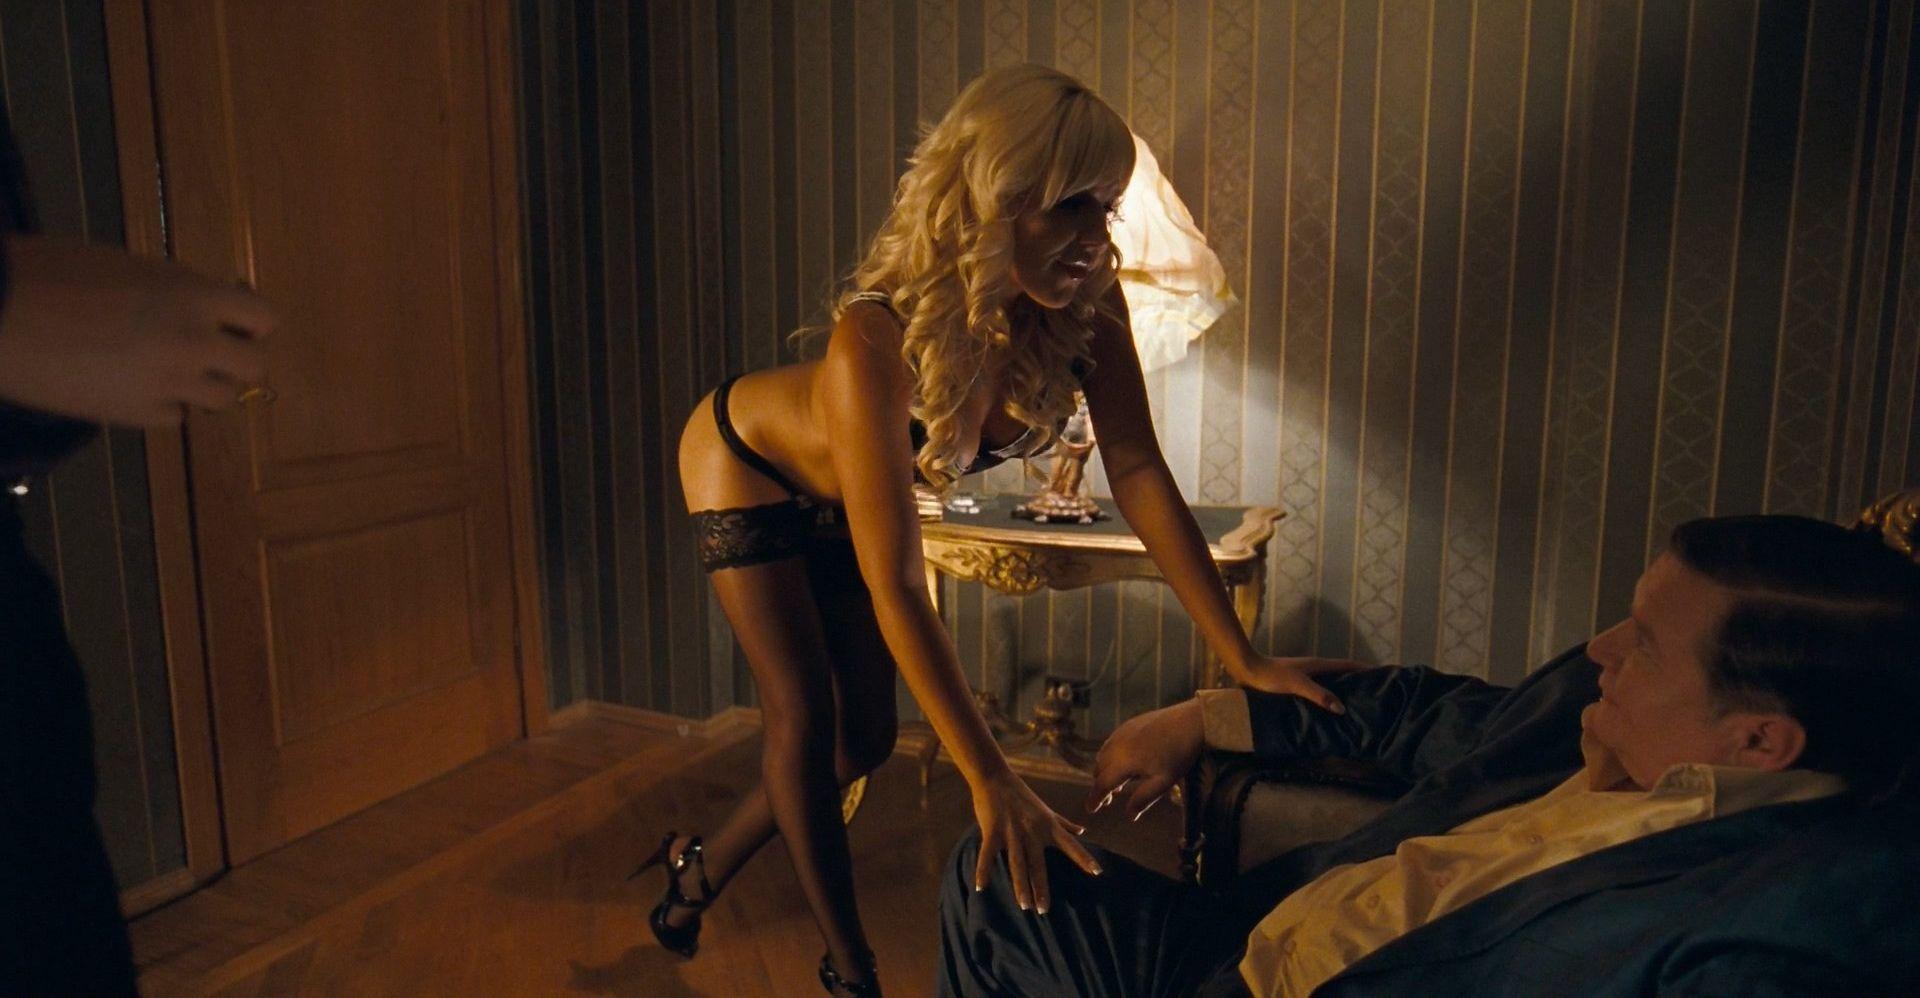 я проститутка фильм